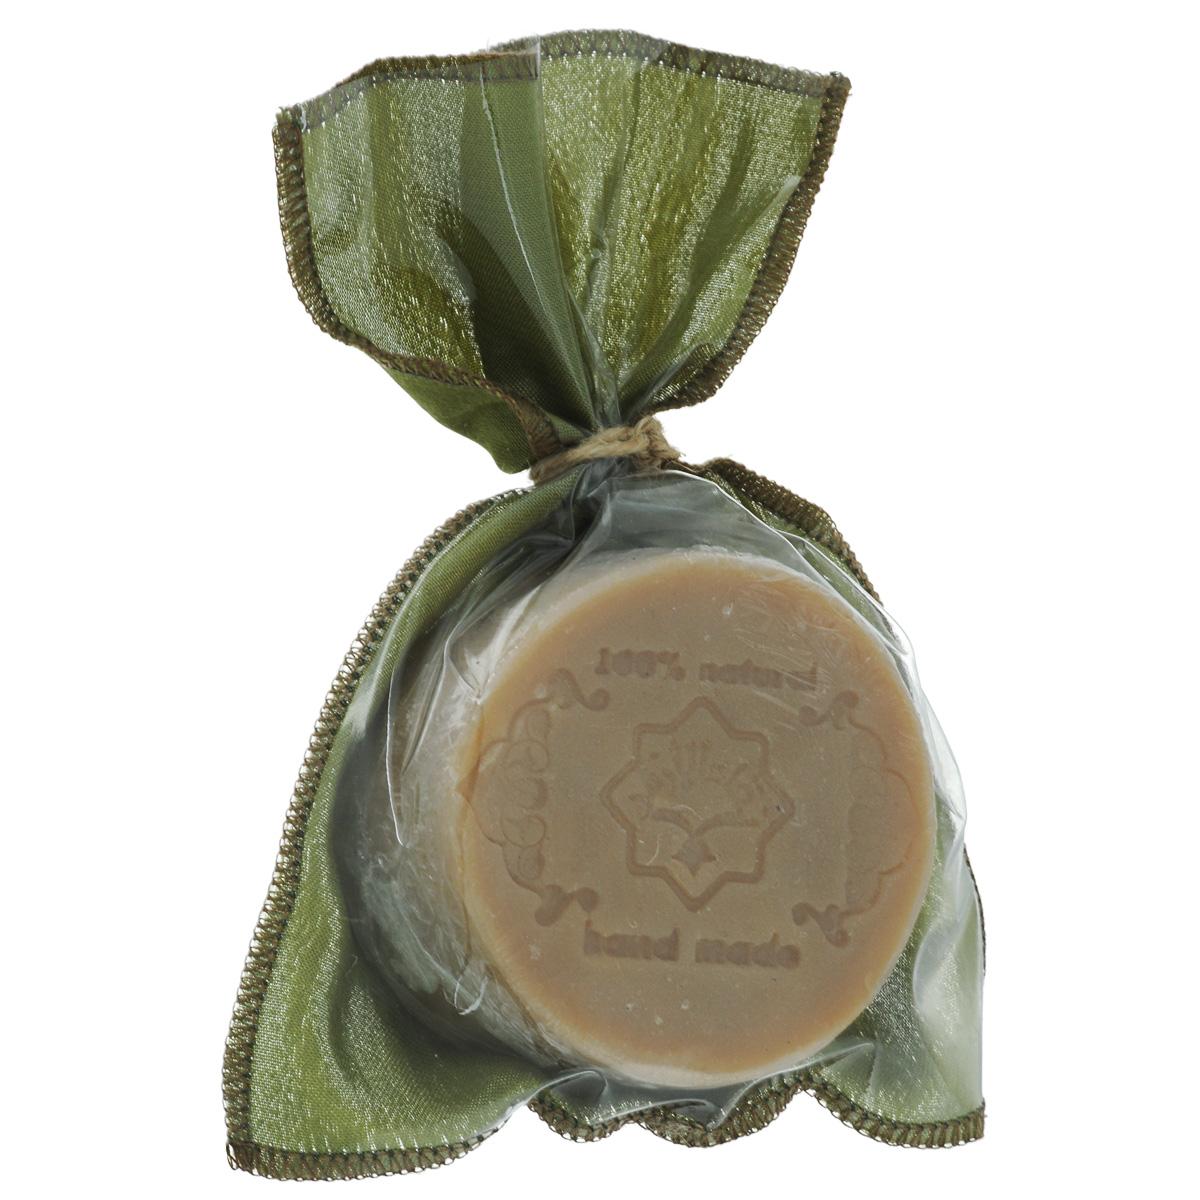 Зейтун Мыло Экстра №1 Козье молоко, 150 г0100Удивительно нежное, мягкое, «кремовое» натуральное мыло, дающее обильную и легко-воздушную пену. В нём соединились два действенных натуральных компонента, два символа здоровья и красоты средиземноморских наций — оливковое масло и молоко, козье молоко. В составе около 10-ти процентов свежего козьего молока, в котором богатейший набор аминокислот, протеинов, витаминов и микроэлементов, которые помимо косметического эффекта — смягчающего и увлажняющего, оказывают регенерирующее (а, значит, омолаживающее) действие на кожу. При всей своей мягкости это натуральное мыло отлично очищает кожу, поэтому прекрасно подходит для умывания лица и снятия макияжа.